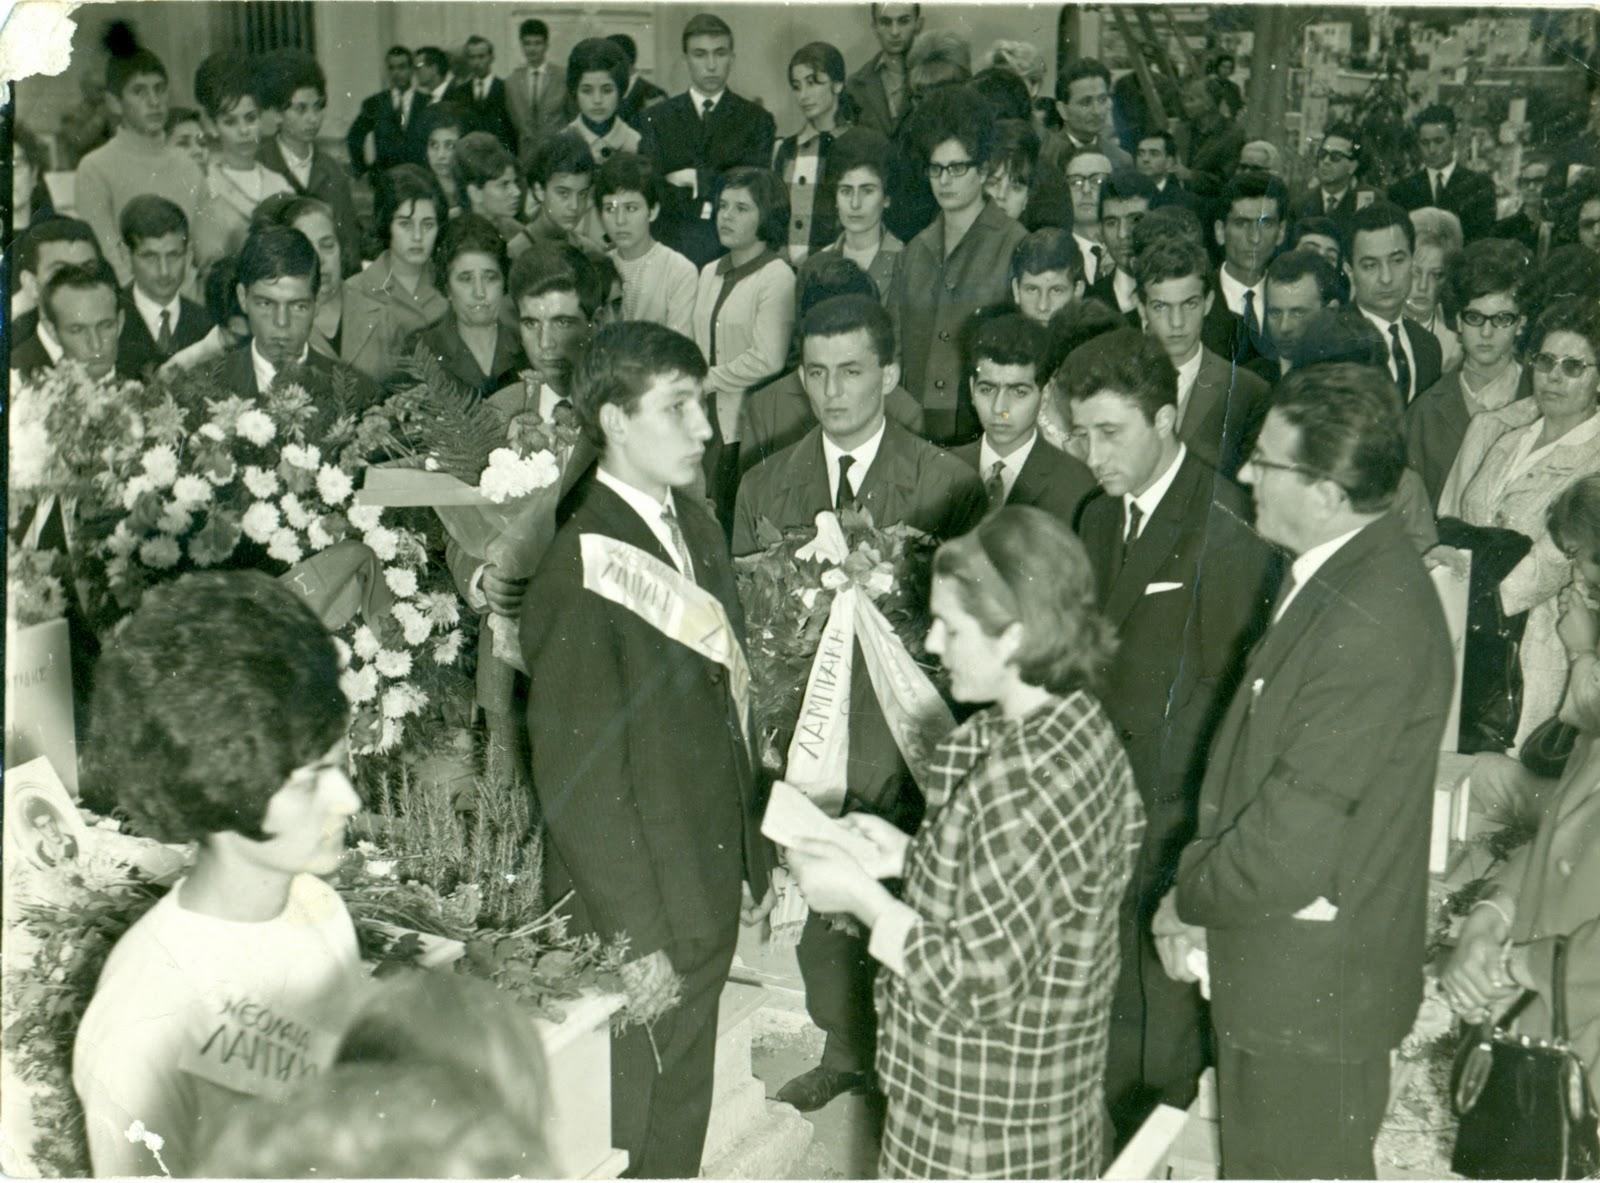 Μνημόσυνο από τη Νεολαία Λαμπράκη για τον Στ. Βελδεμίρη στις 1-11-1964 04f62b2d965